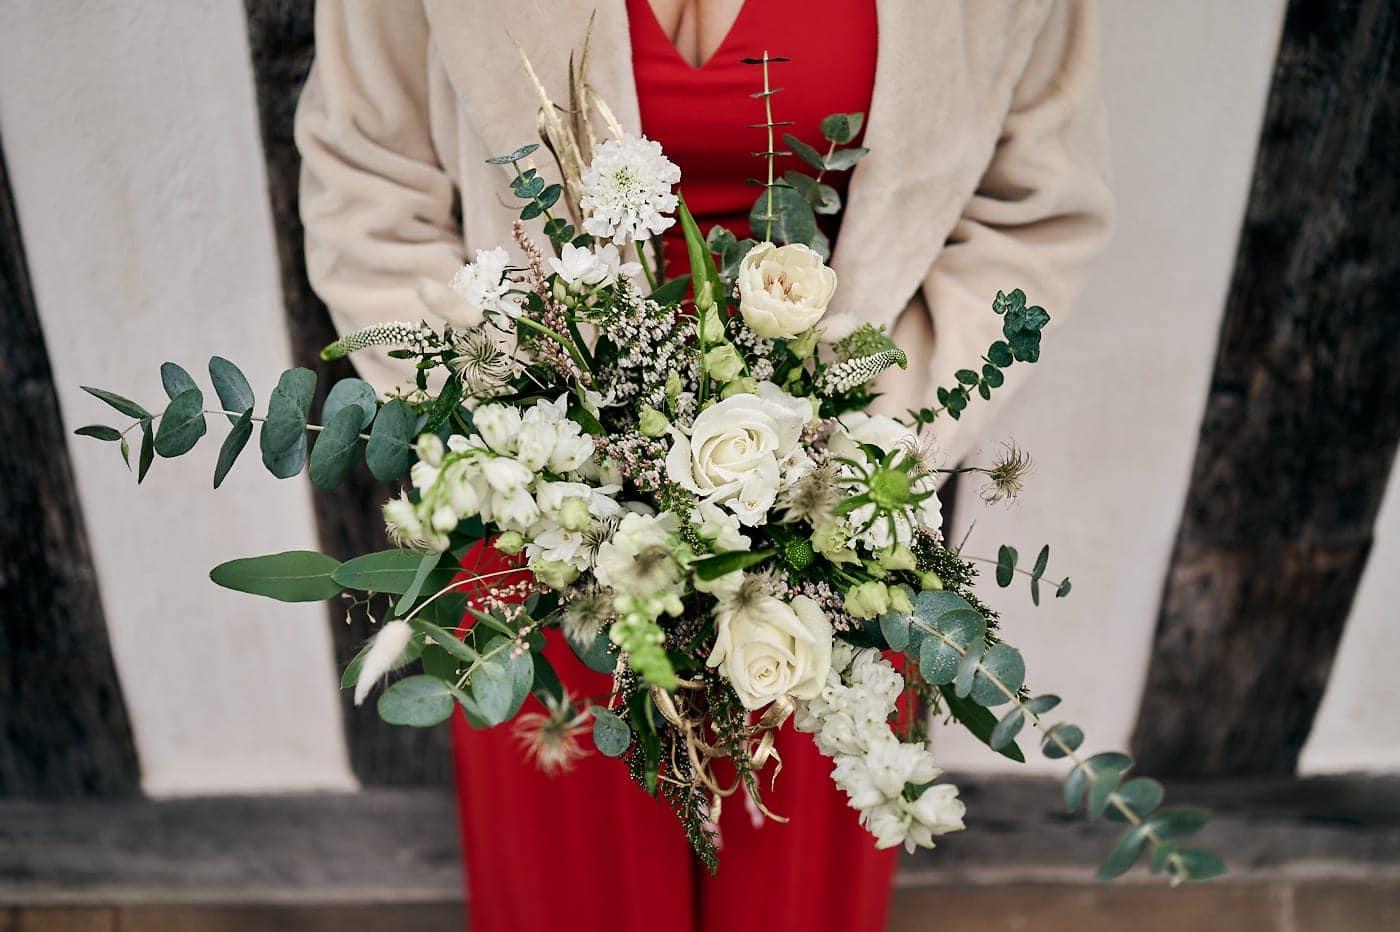 Detail of bride's bouquet